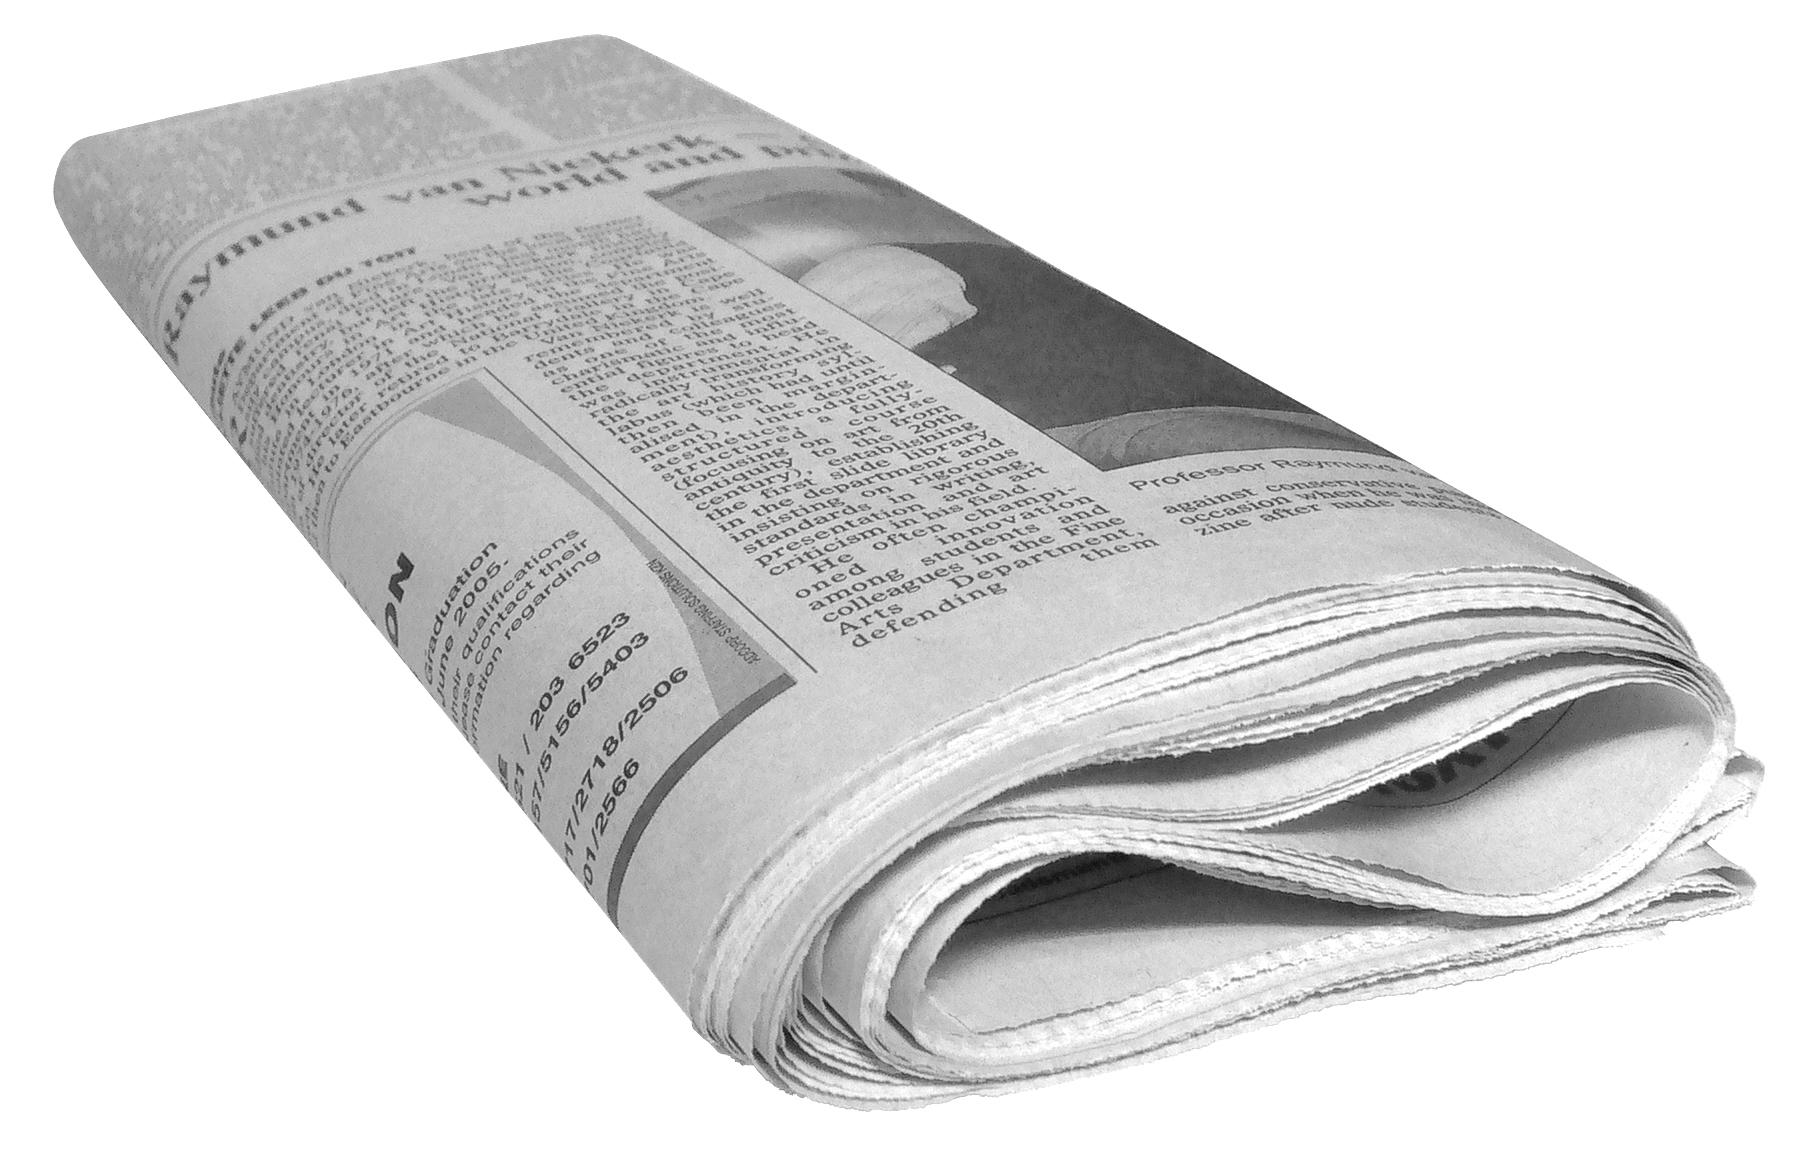 Vereinszeitungen gedrückt-im klassischen Sinne